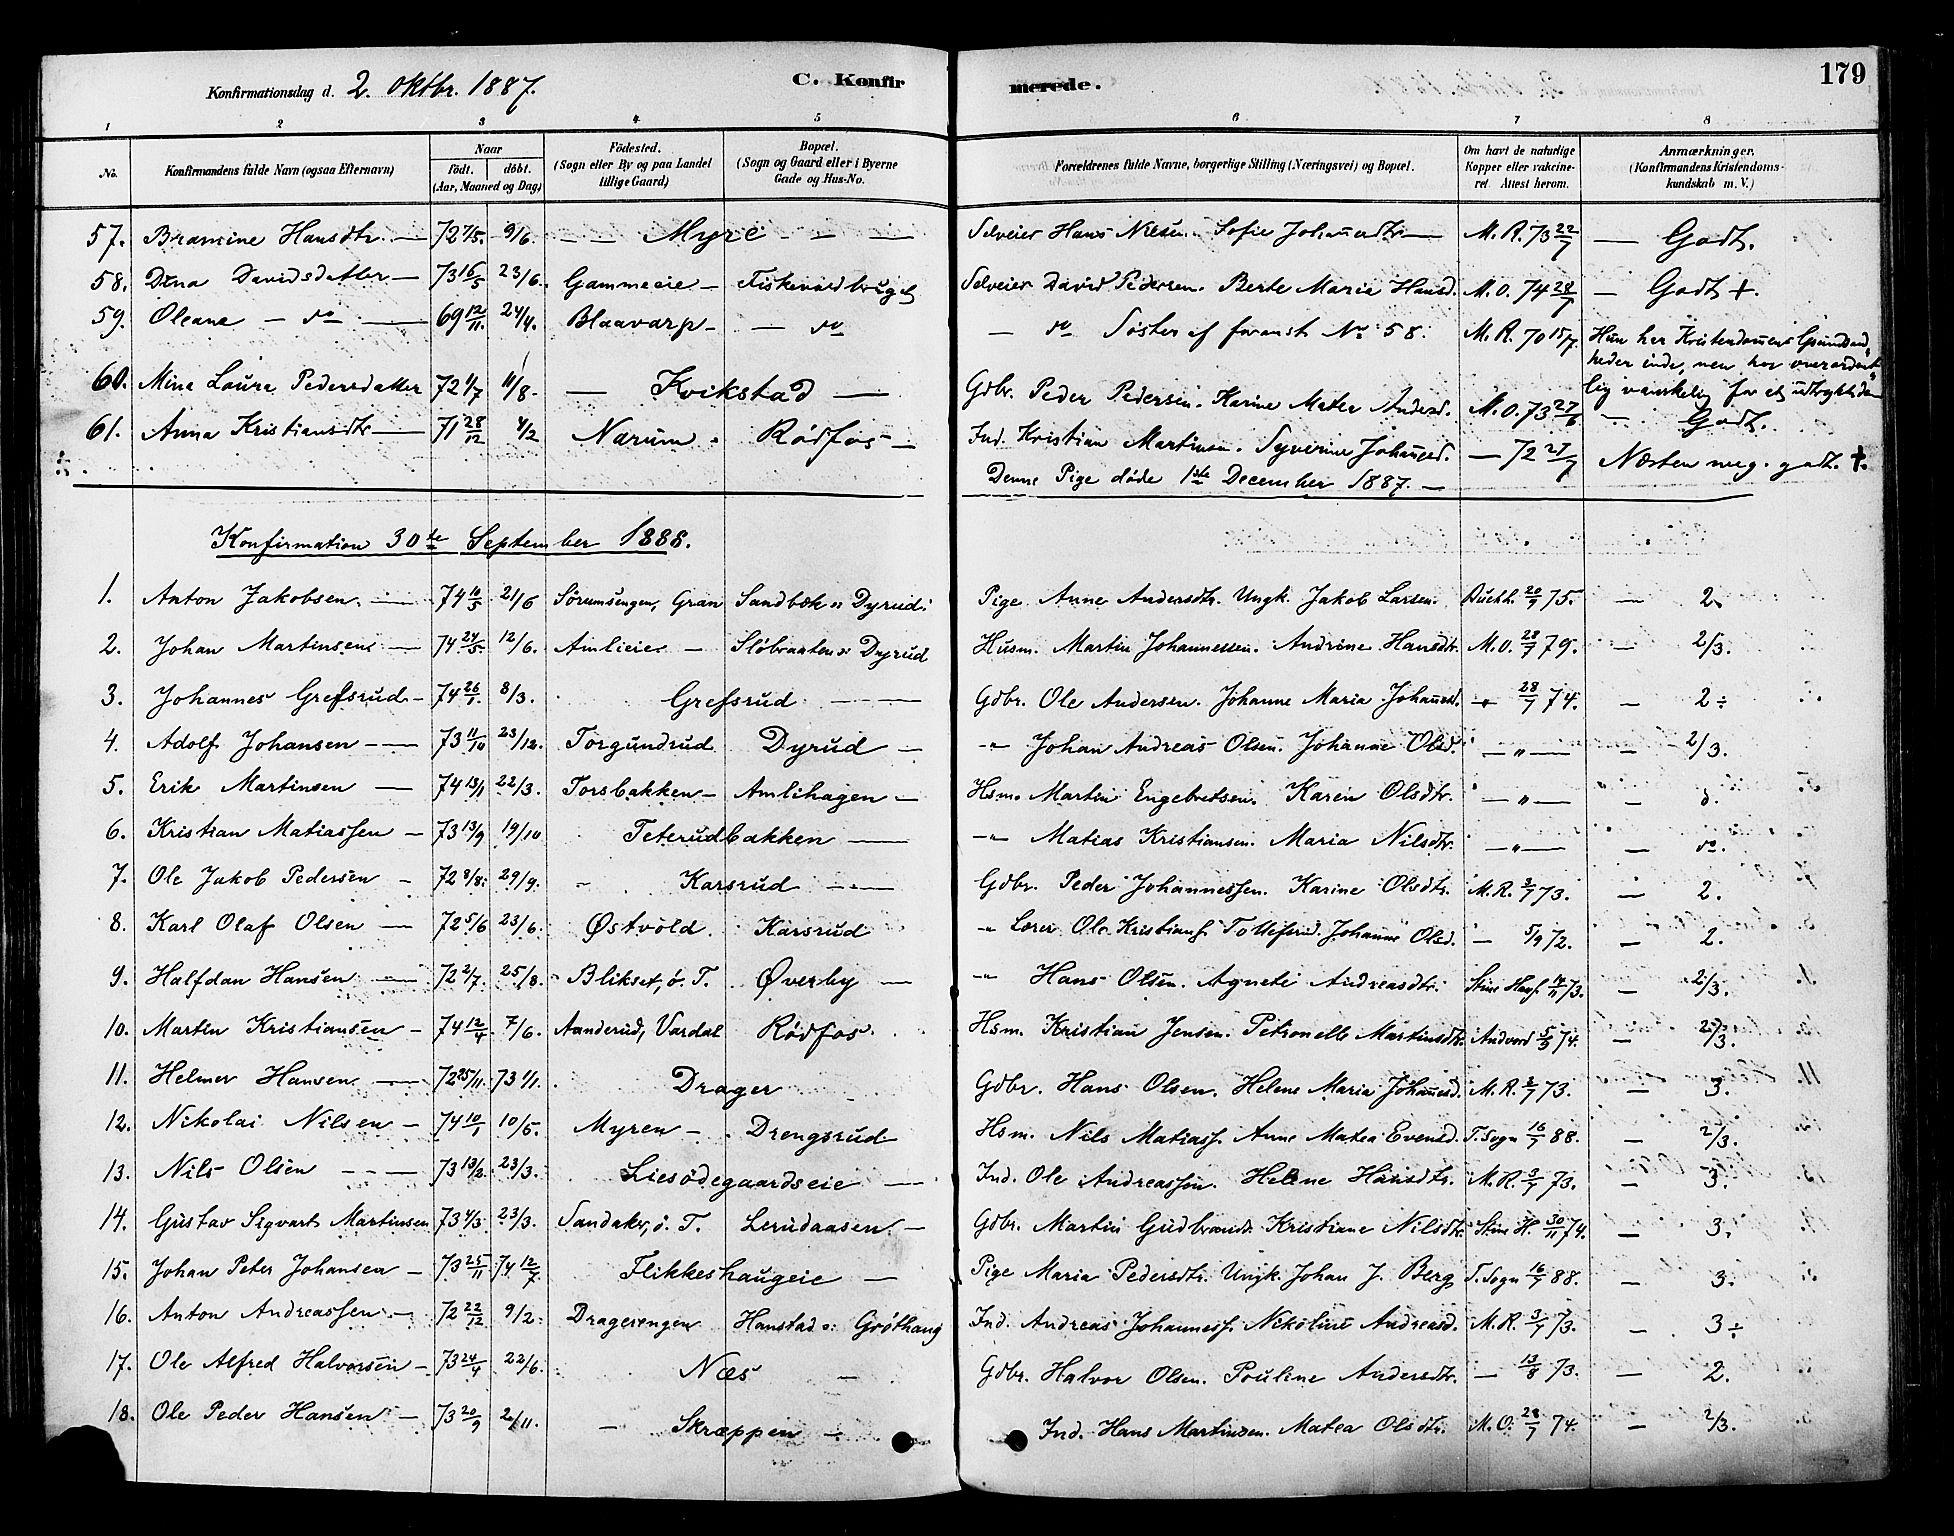 SAH, Vestre Toten prestekontor, Ministerialbok nr. 9, 1878-1894, s. 179